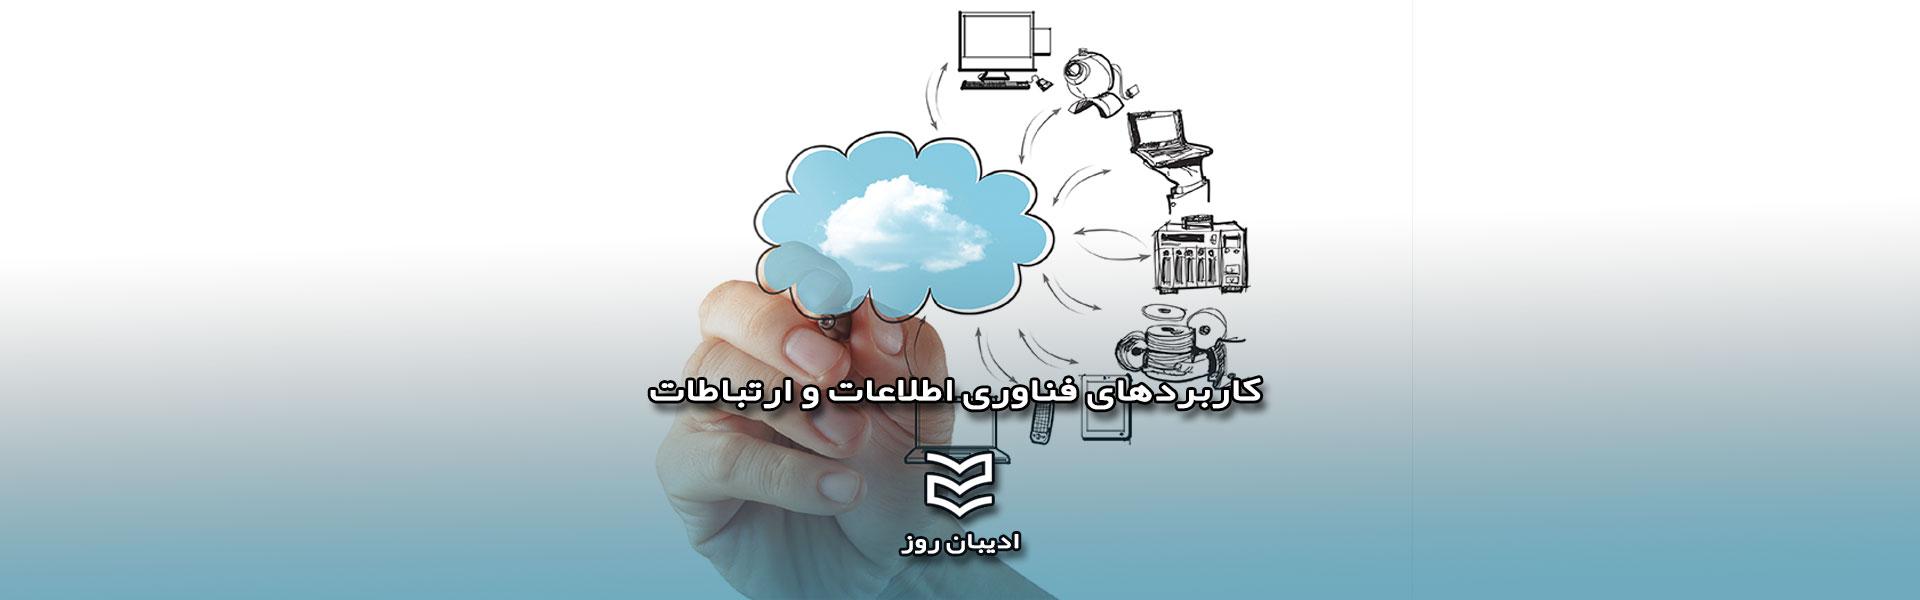 کاربردهای فناوری اطلاعات و ارتباطات